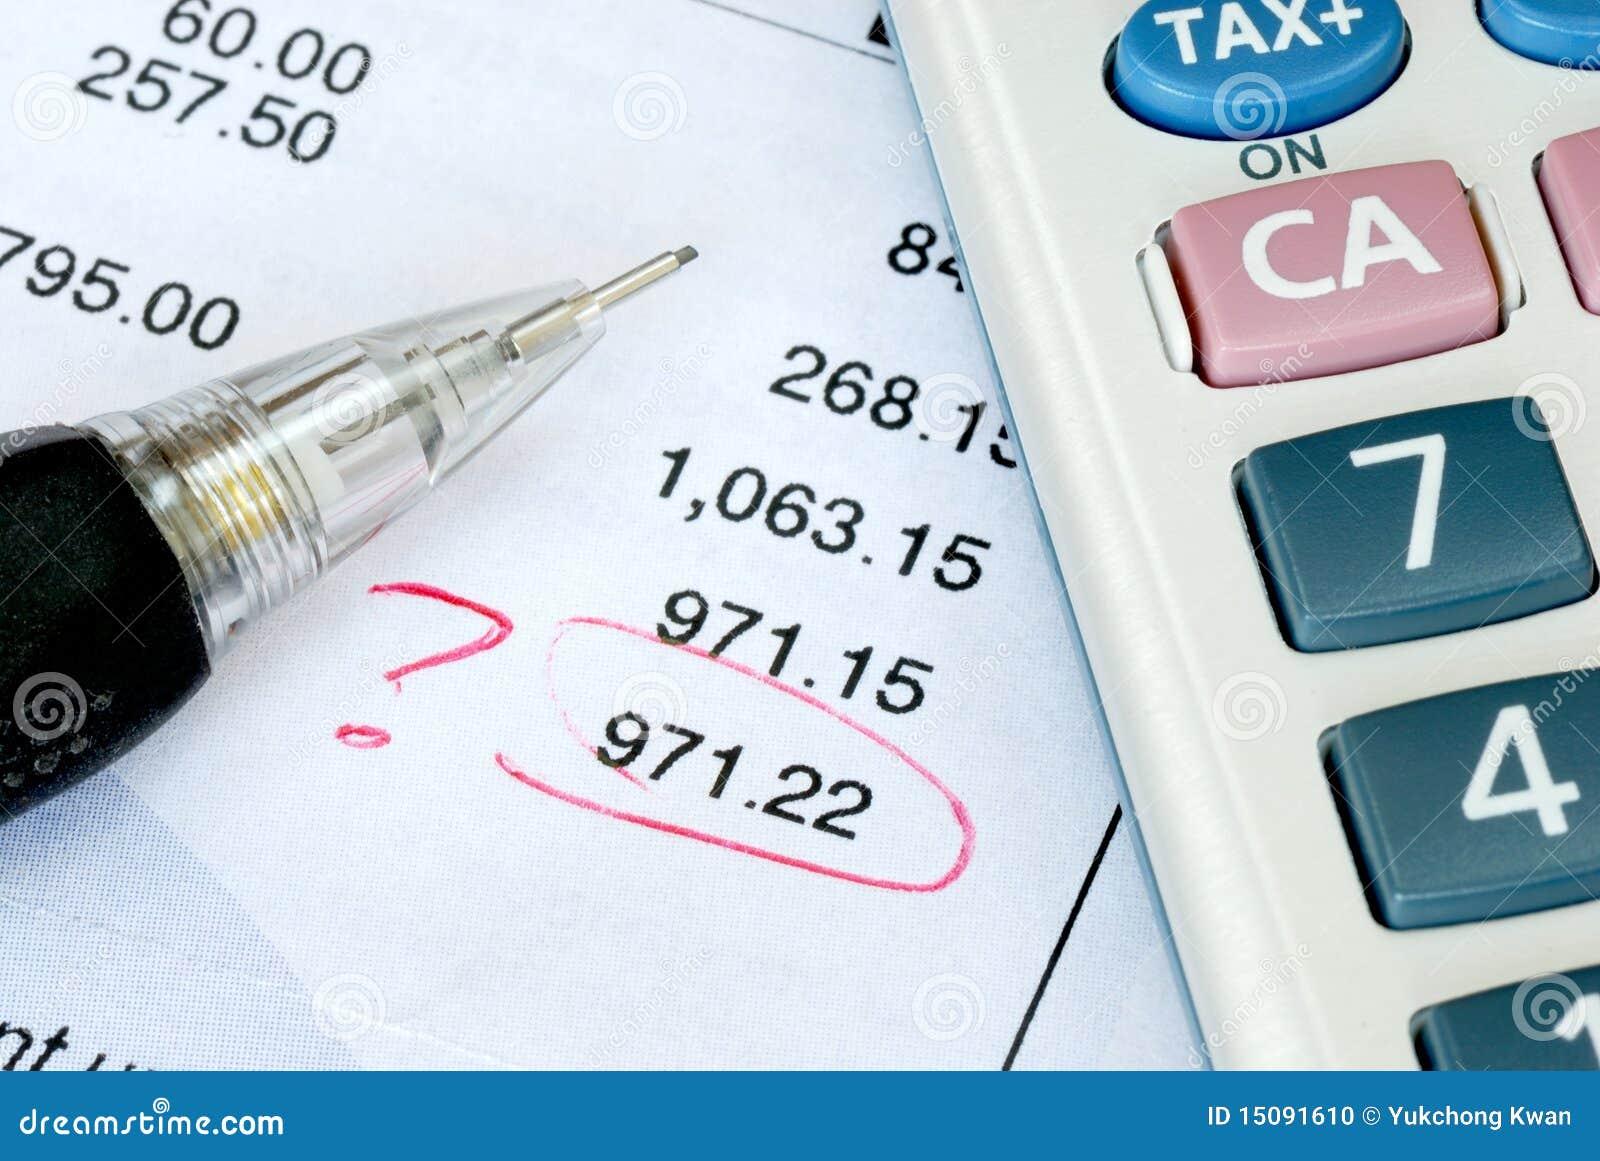 Trouvez une erreur pendant l audit